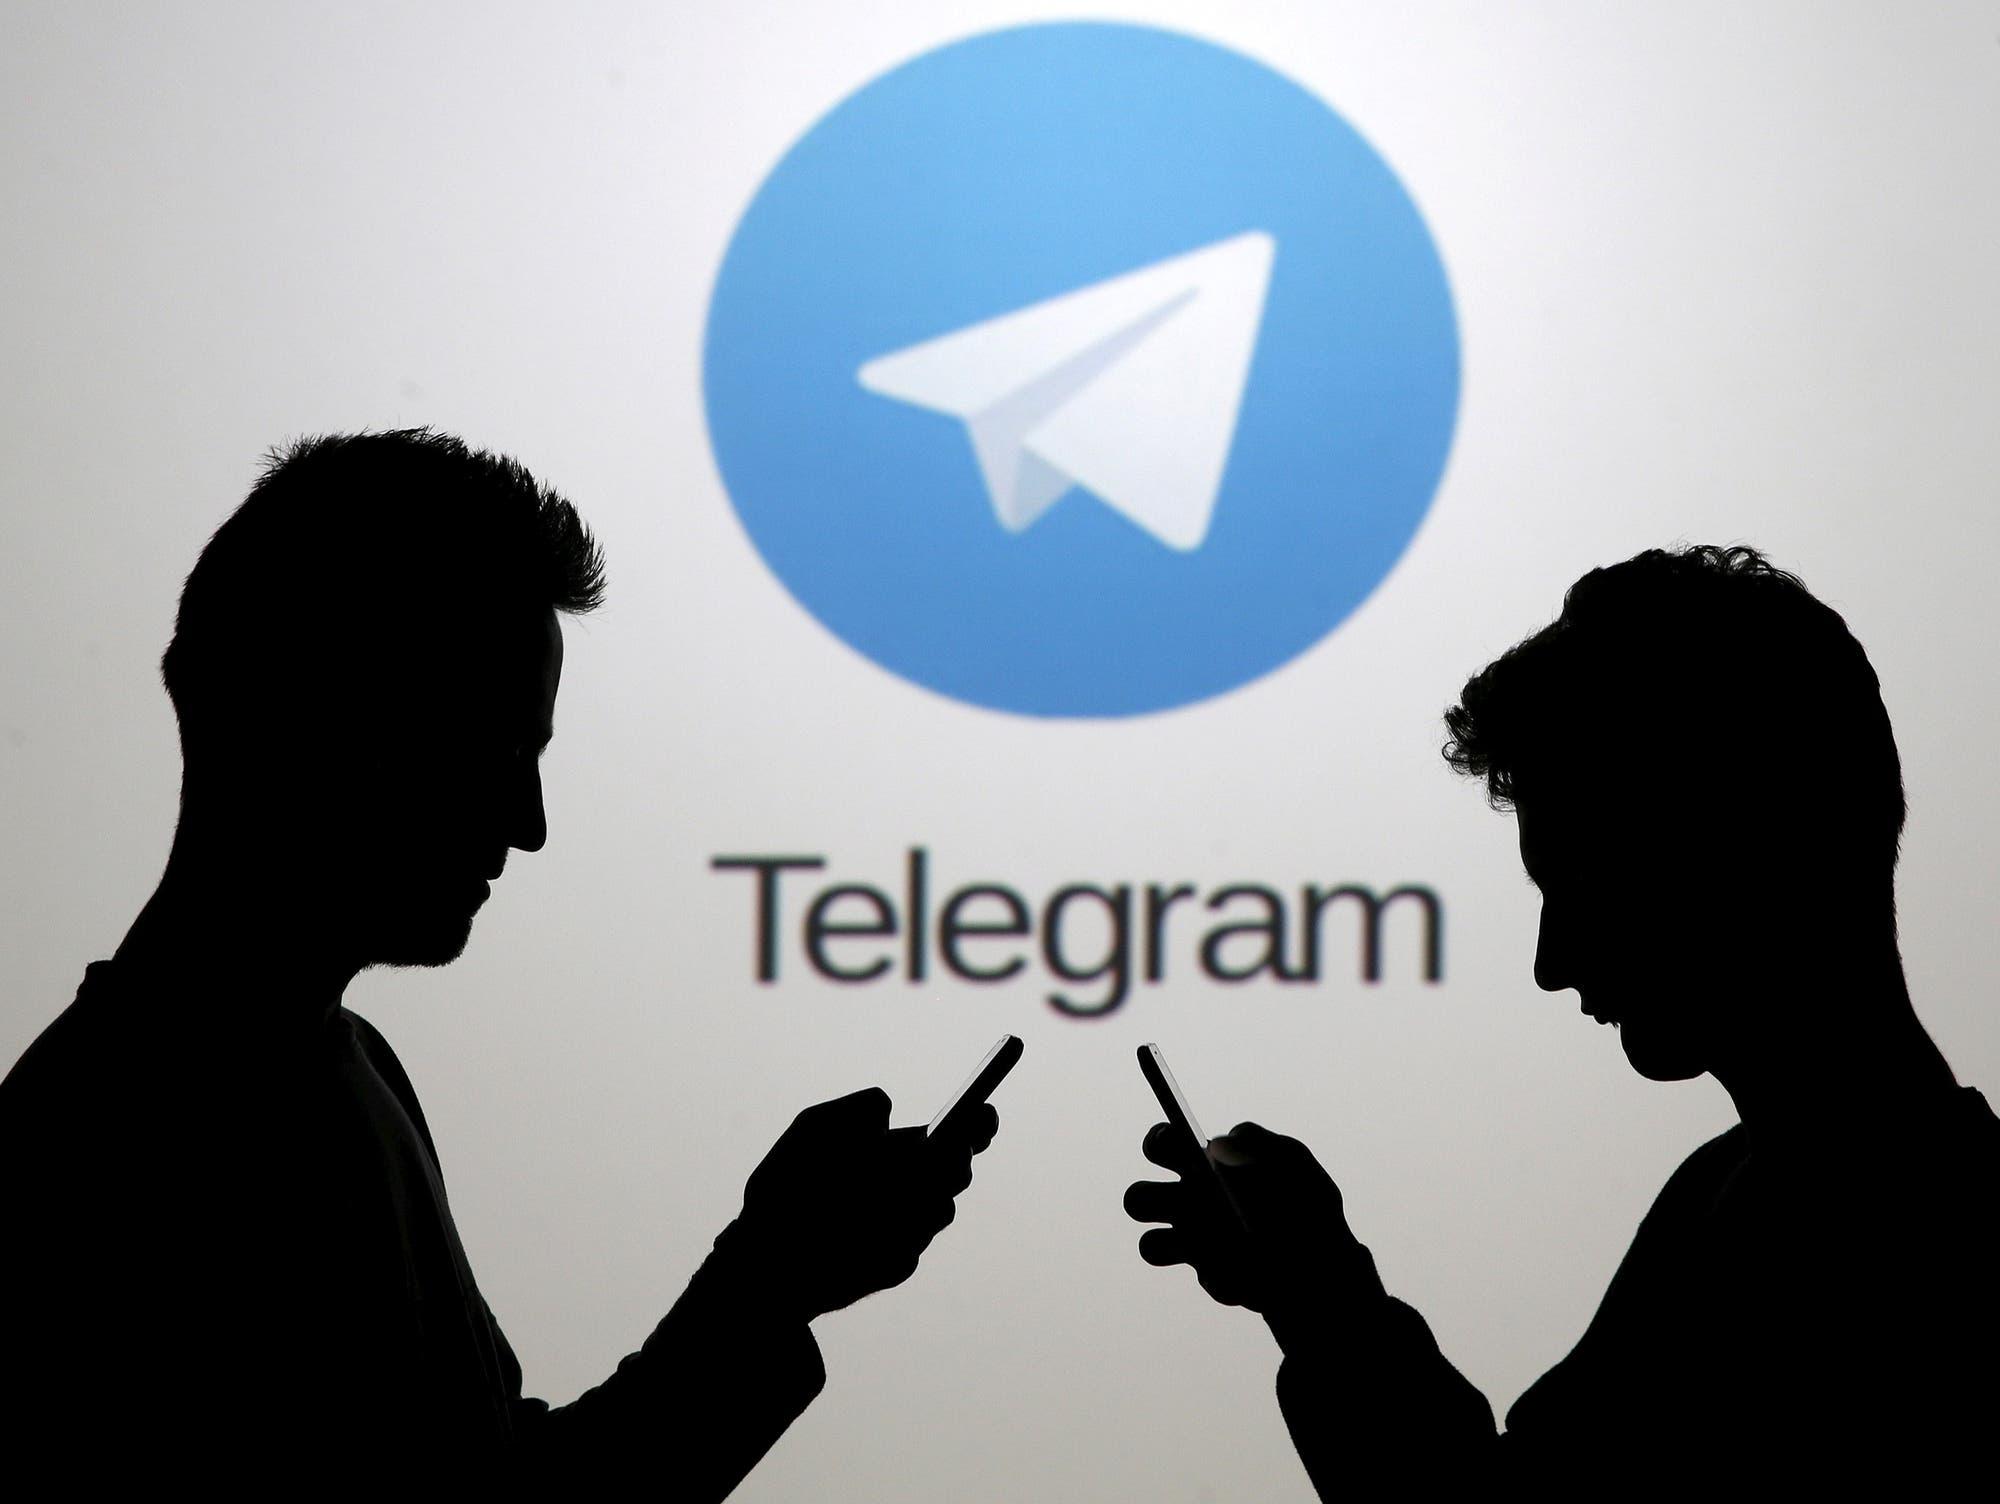 Рашистський телеграм як заміна вконтакта, канал для вбросів та елемент гібридної війни